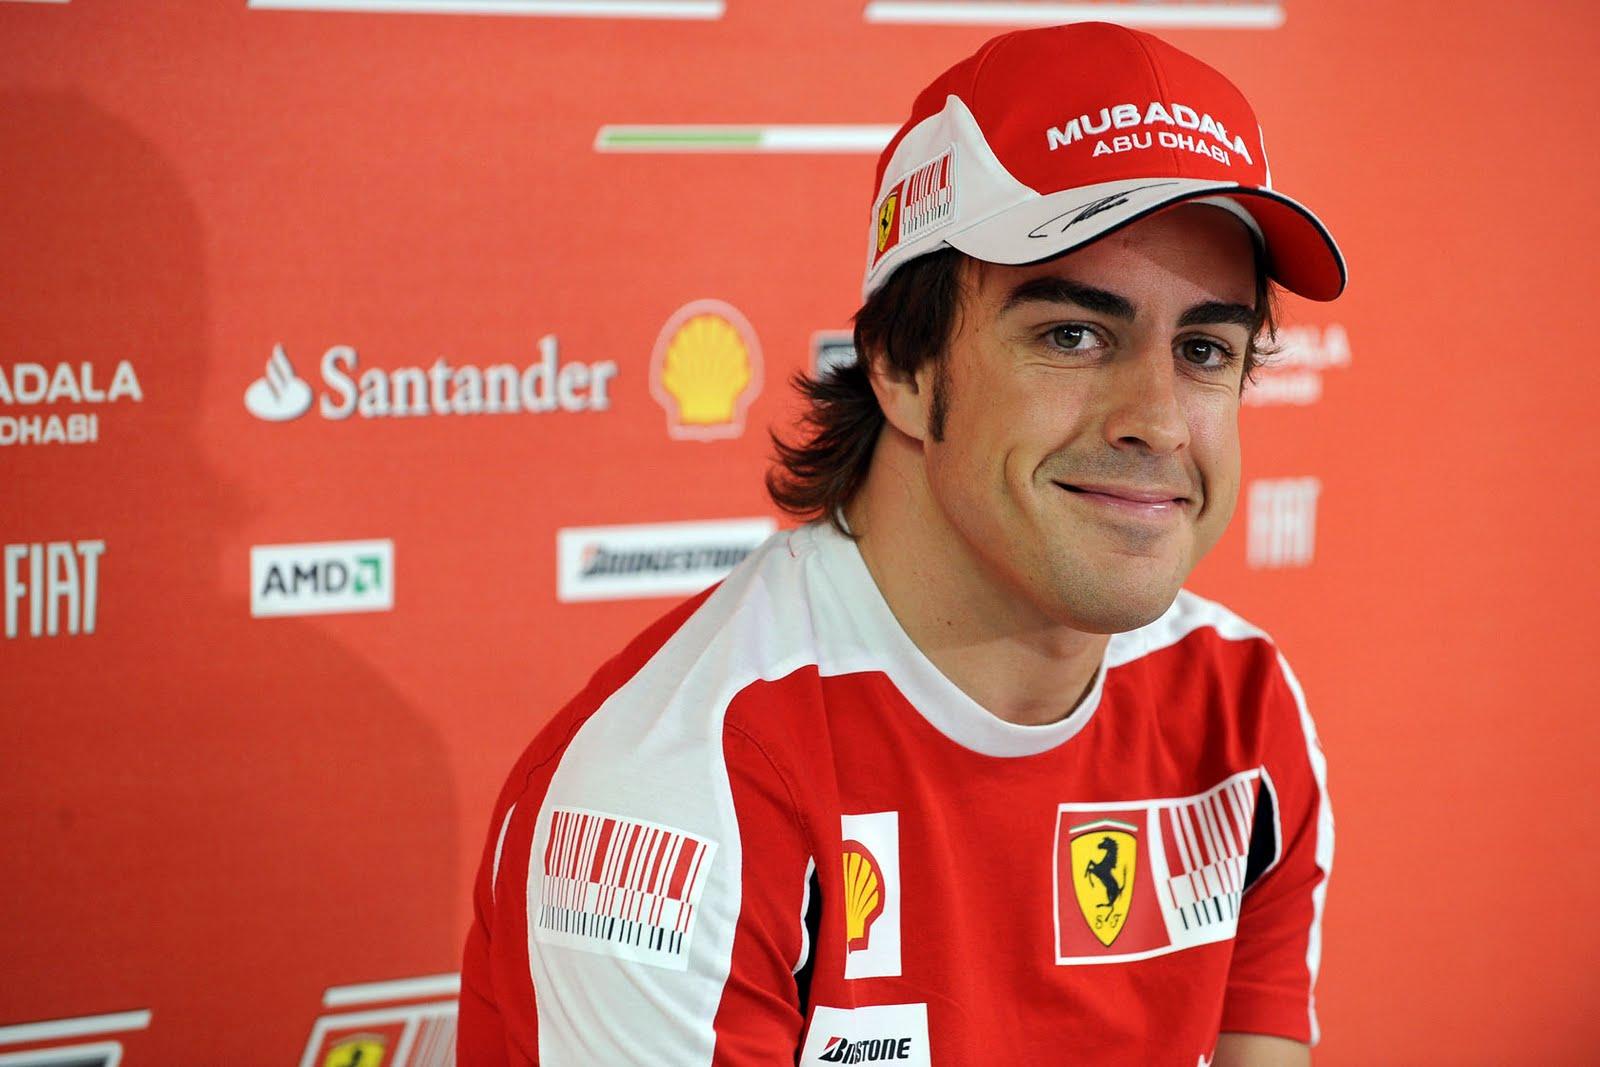 Alonso Jado Pembalap F1 Dengan Gaji Terbesar